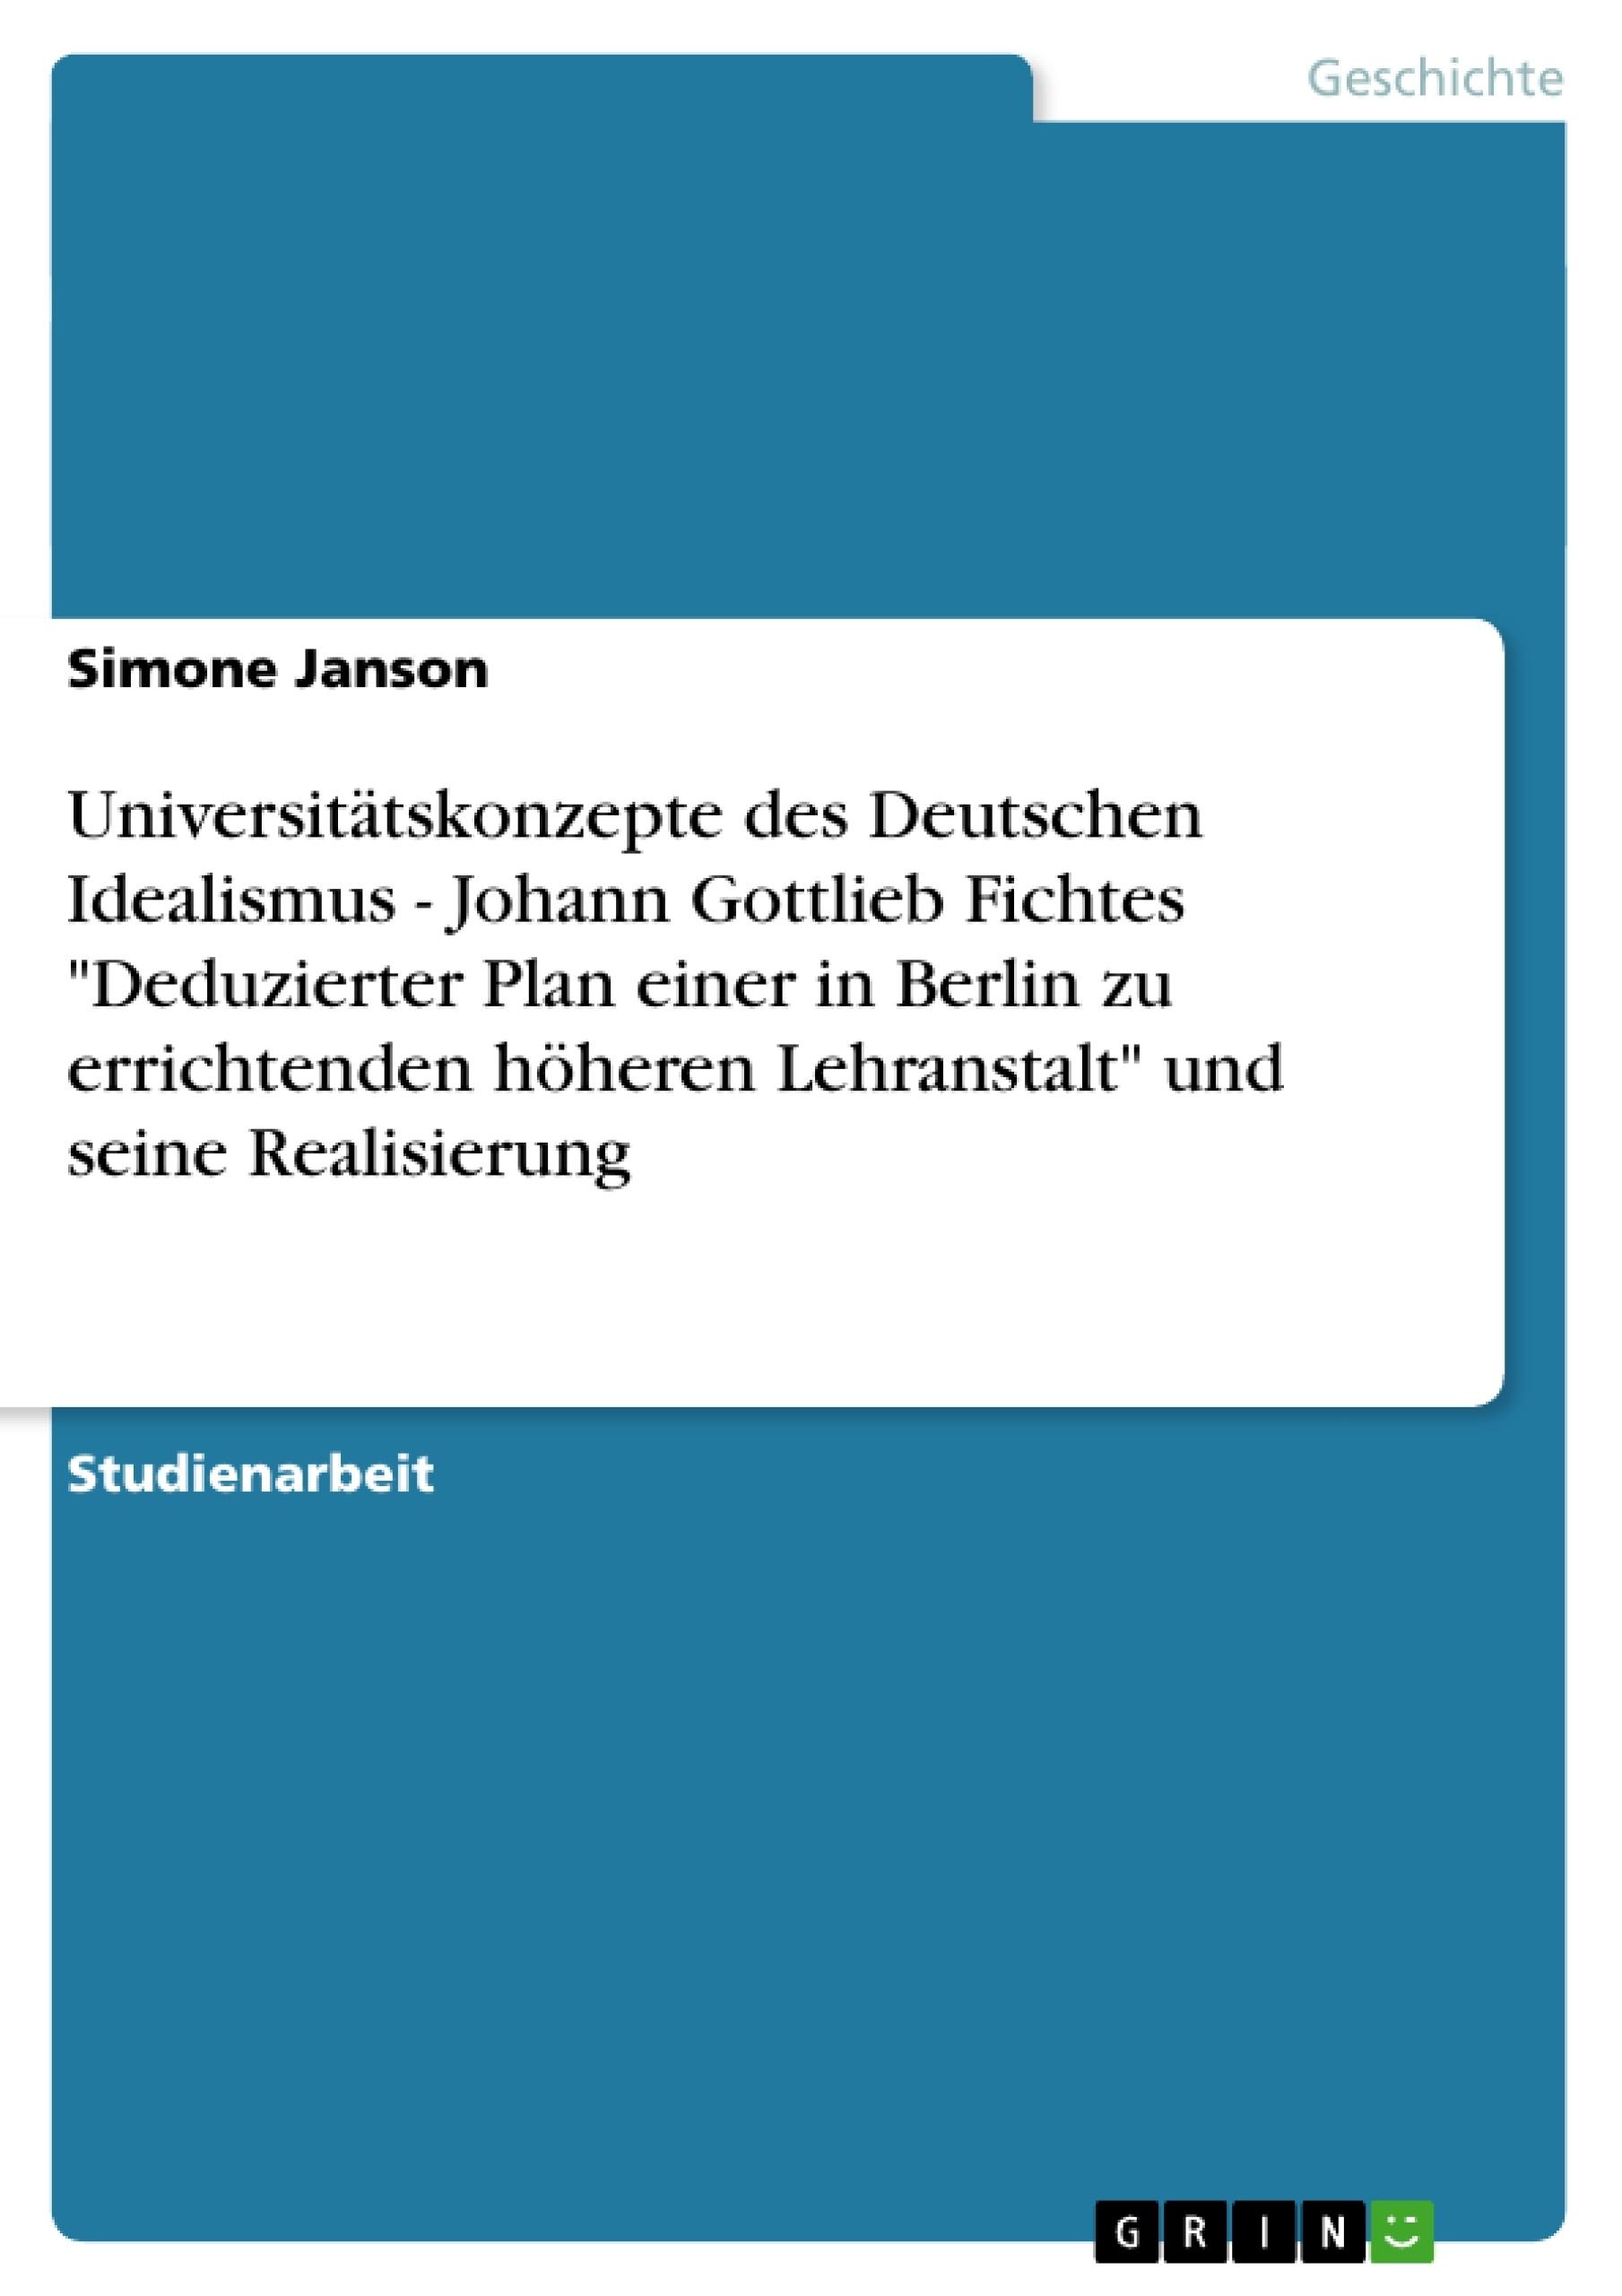 """Titel: Universitätskonzepte des Deutschen Idealismus - Johann Gottlieb Fichtes """"Deduzierter Plan einer in Berlin zu errichtenden höheren Lehranstalt"""" und seine Realisierung"""